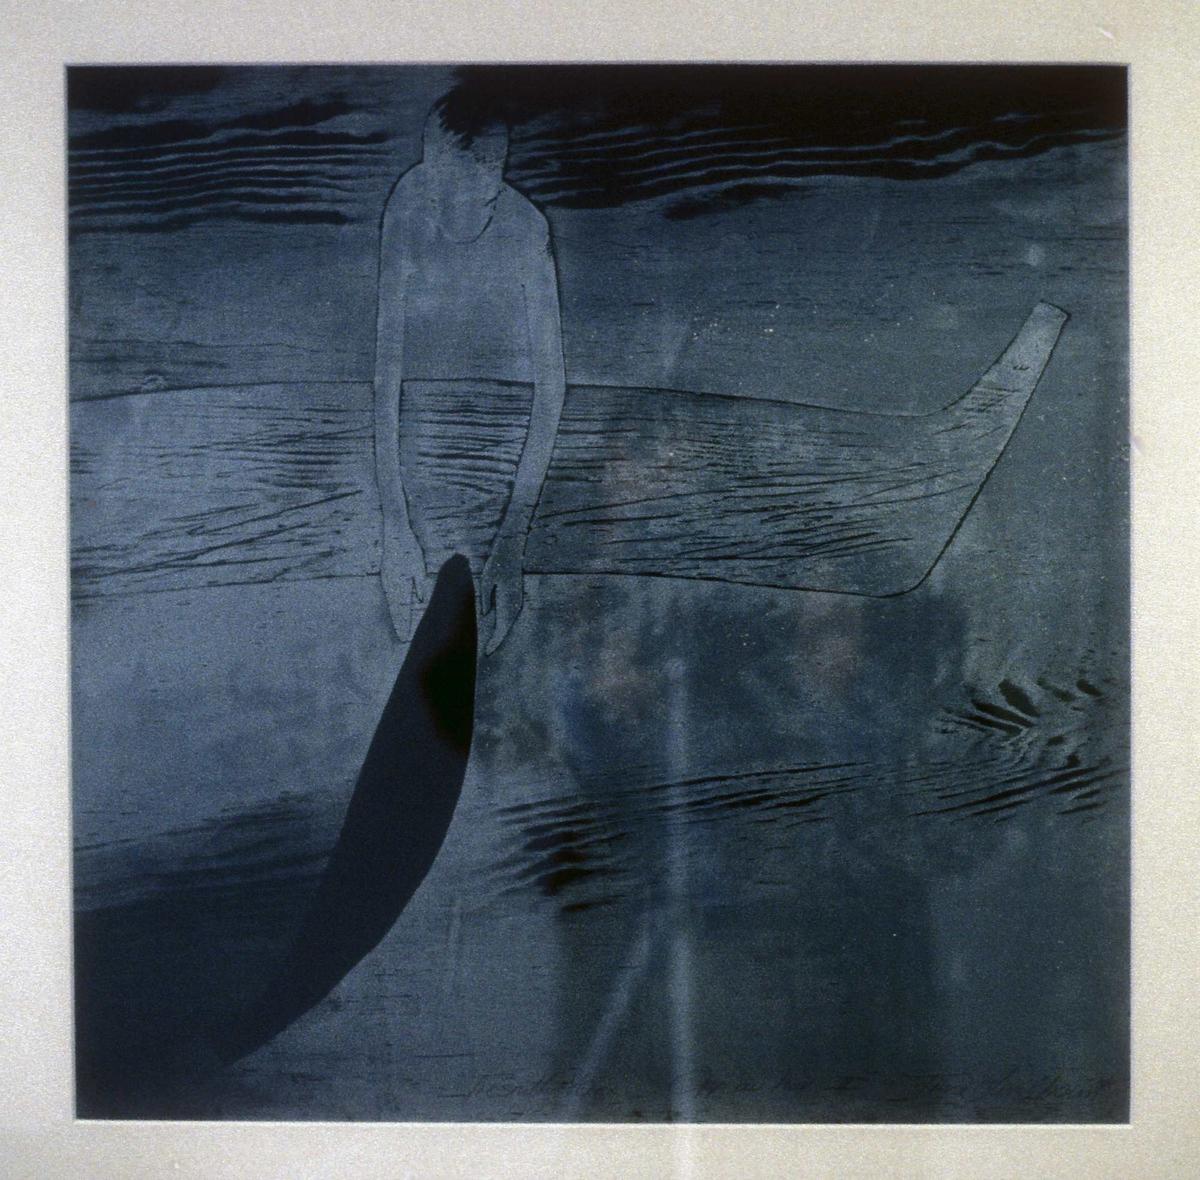 Innkjøpt fra Galleri Norske Grafikere, 1989.